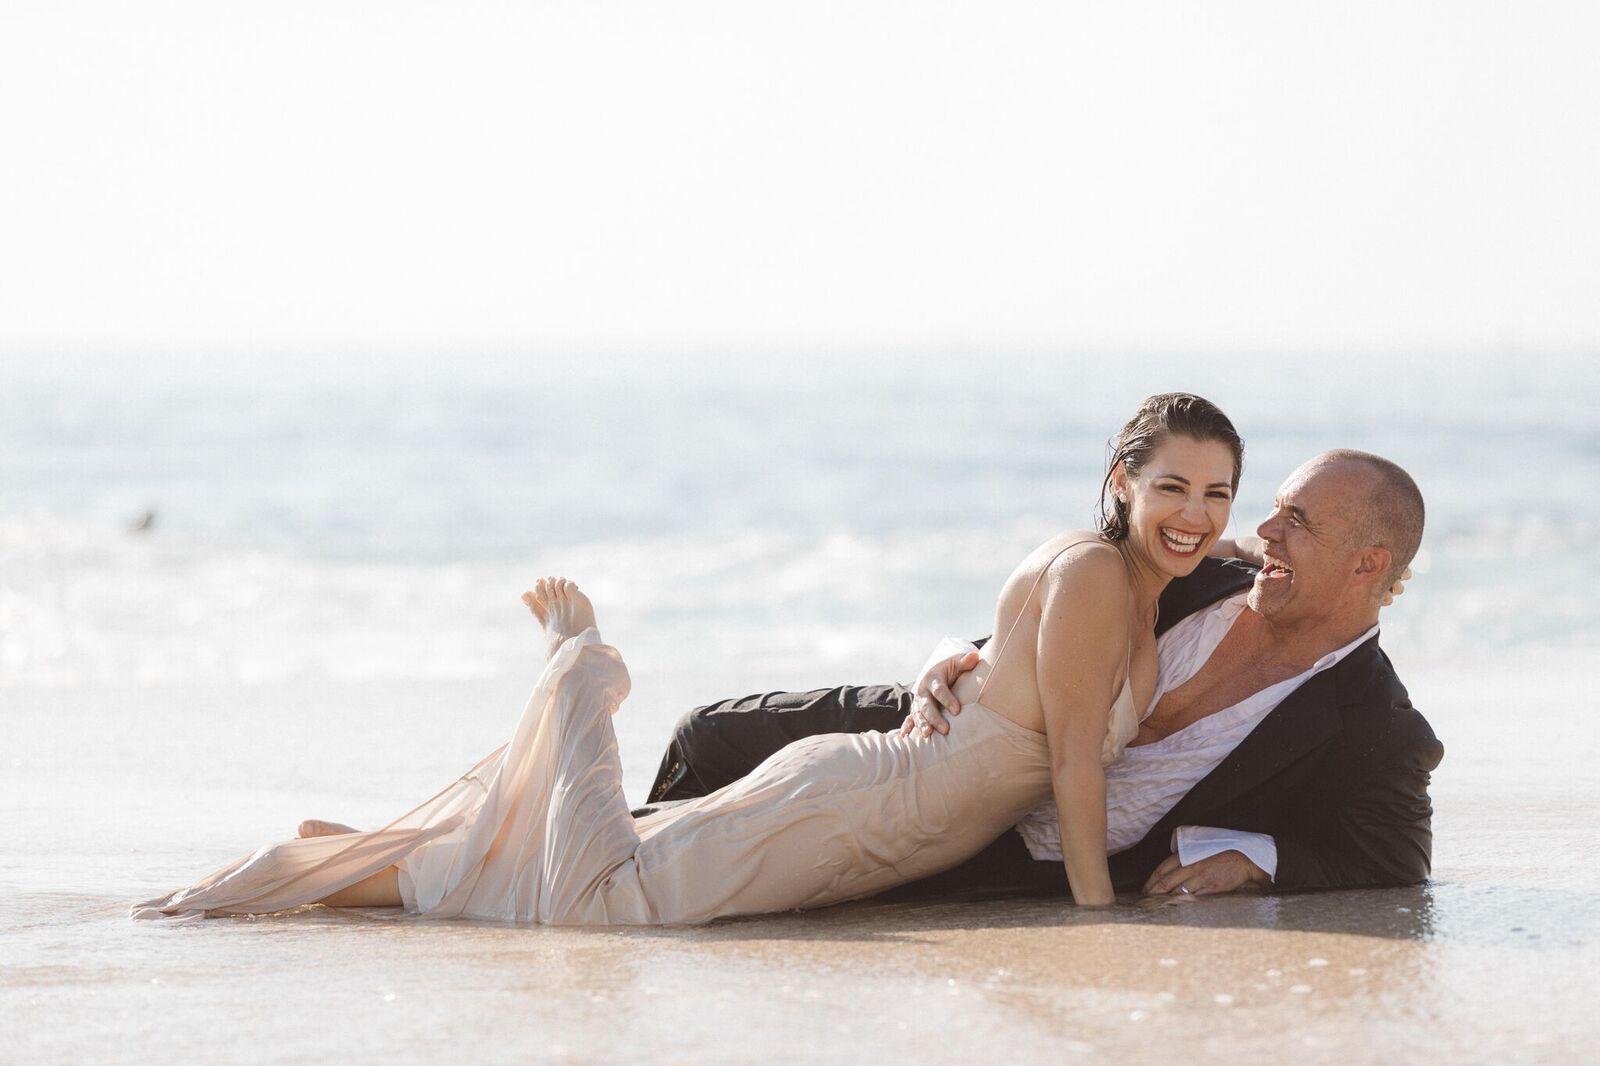 Alexandra_and_Bill_Wedding_Teaser-41_preview.jpeg